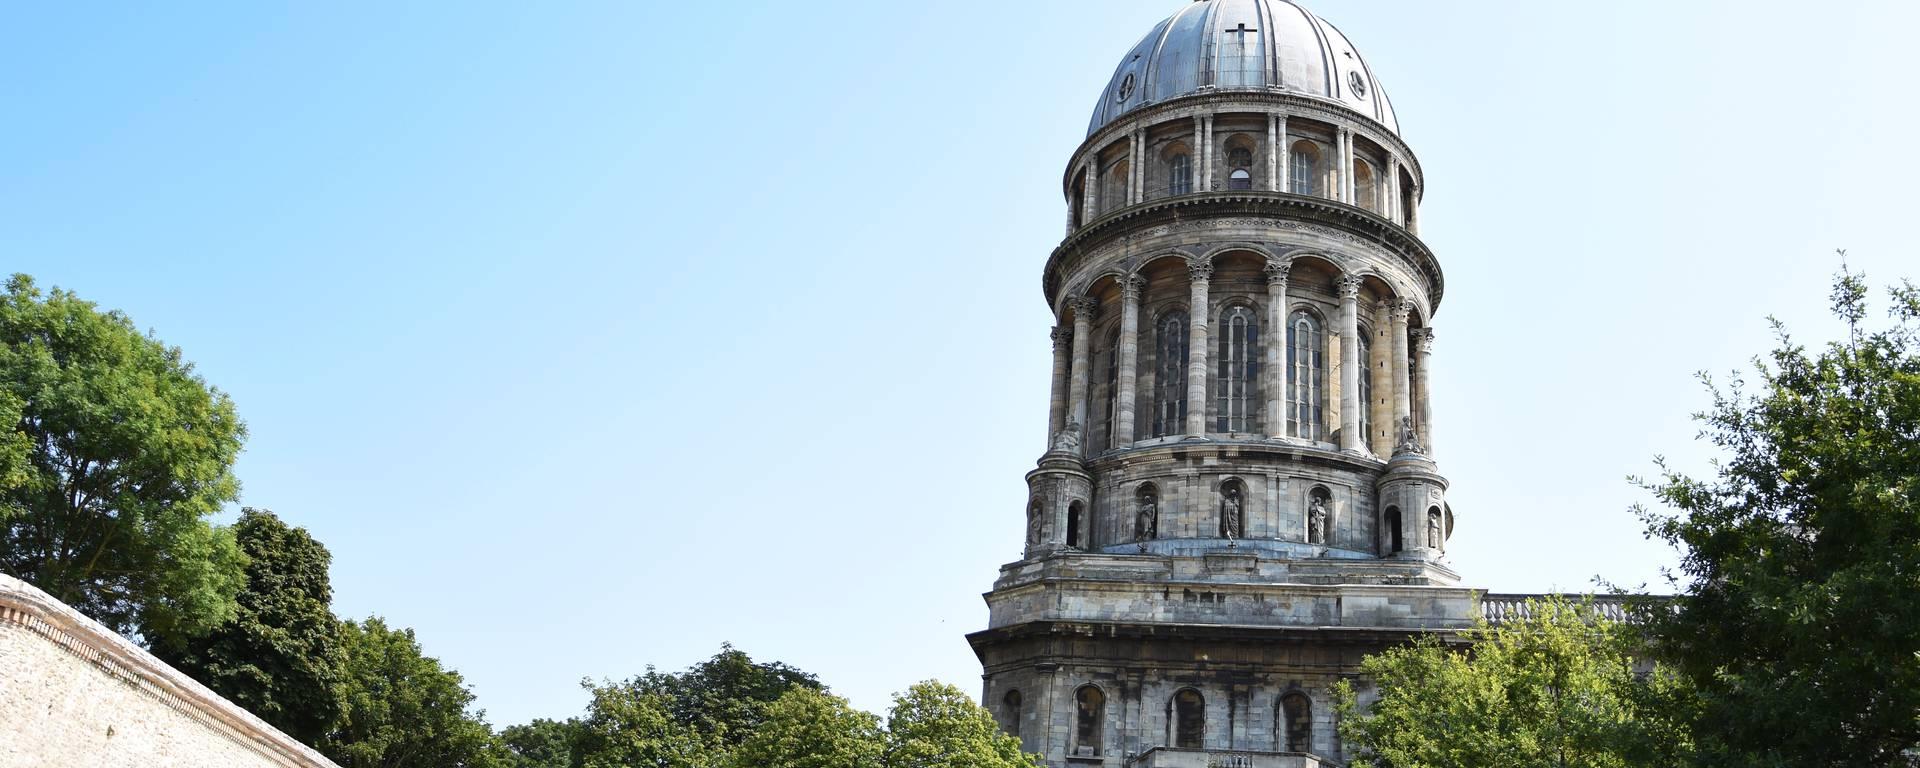 La basilique Notre-Dame Boulogne-sur-Mer